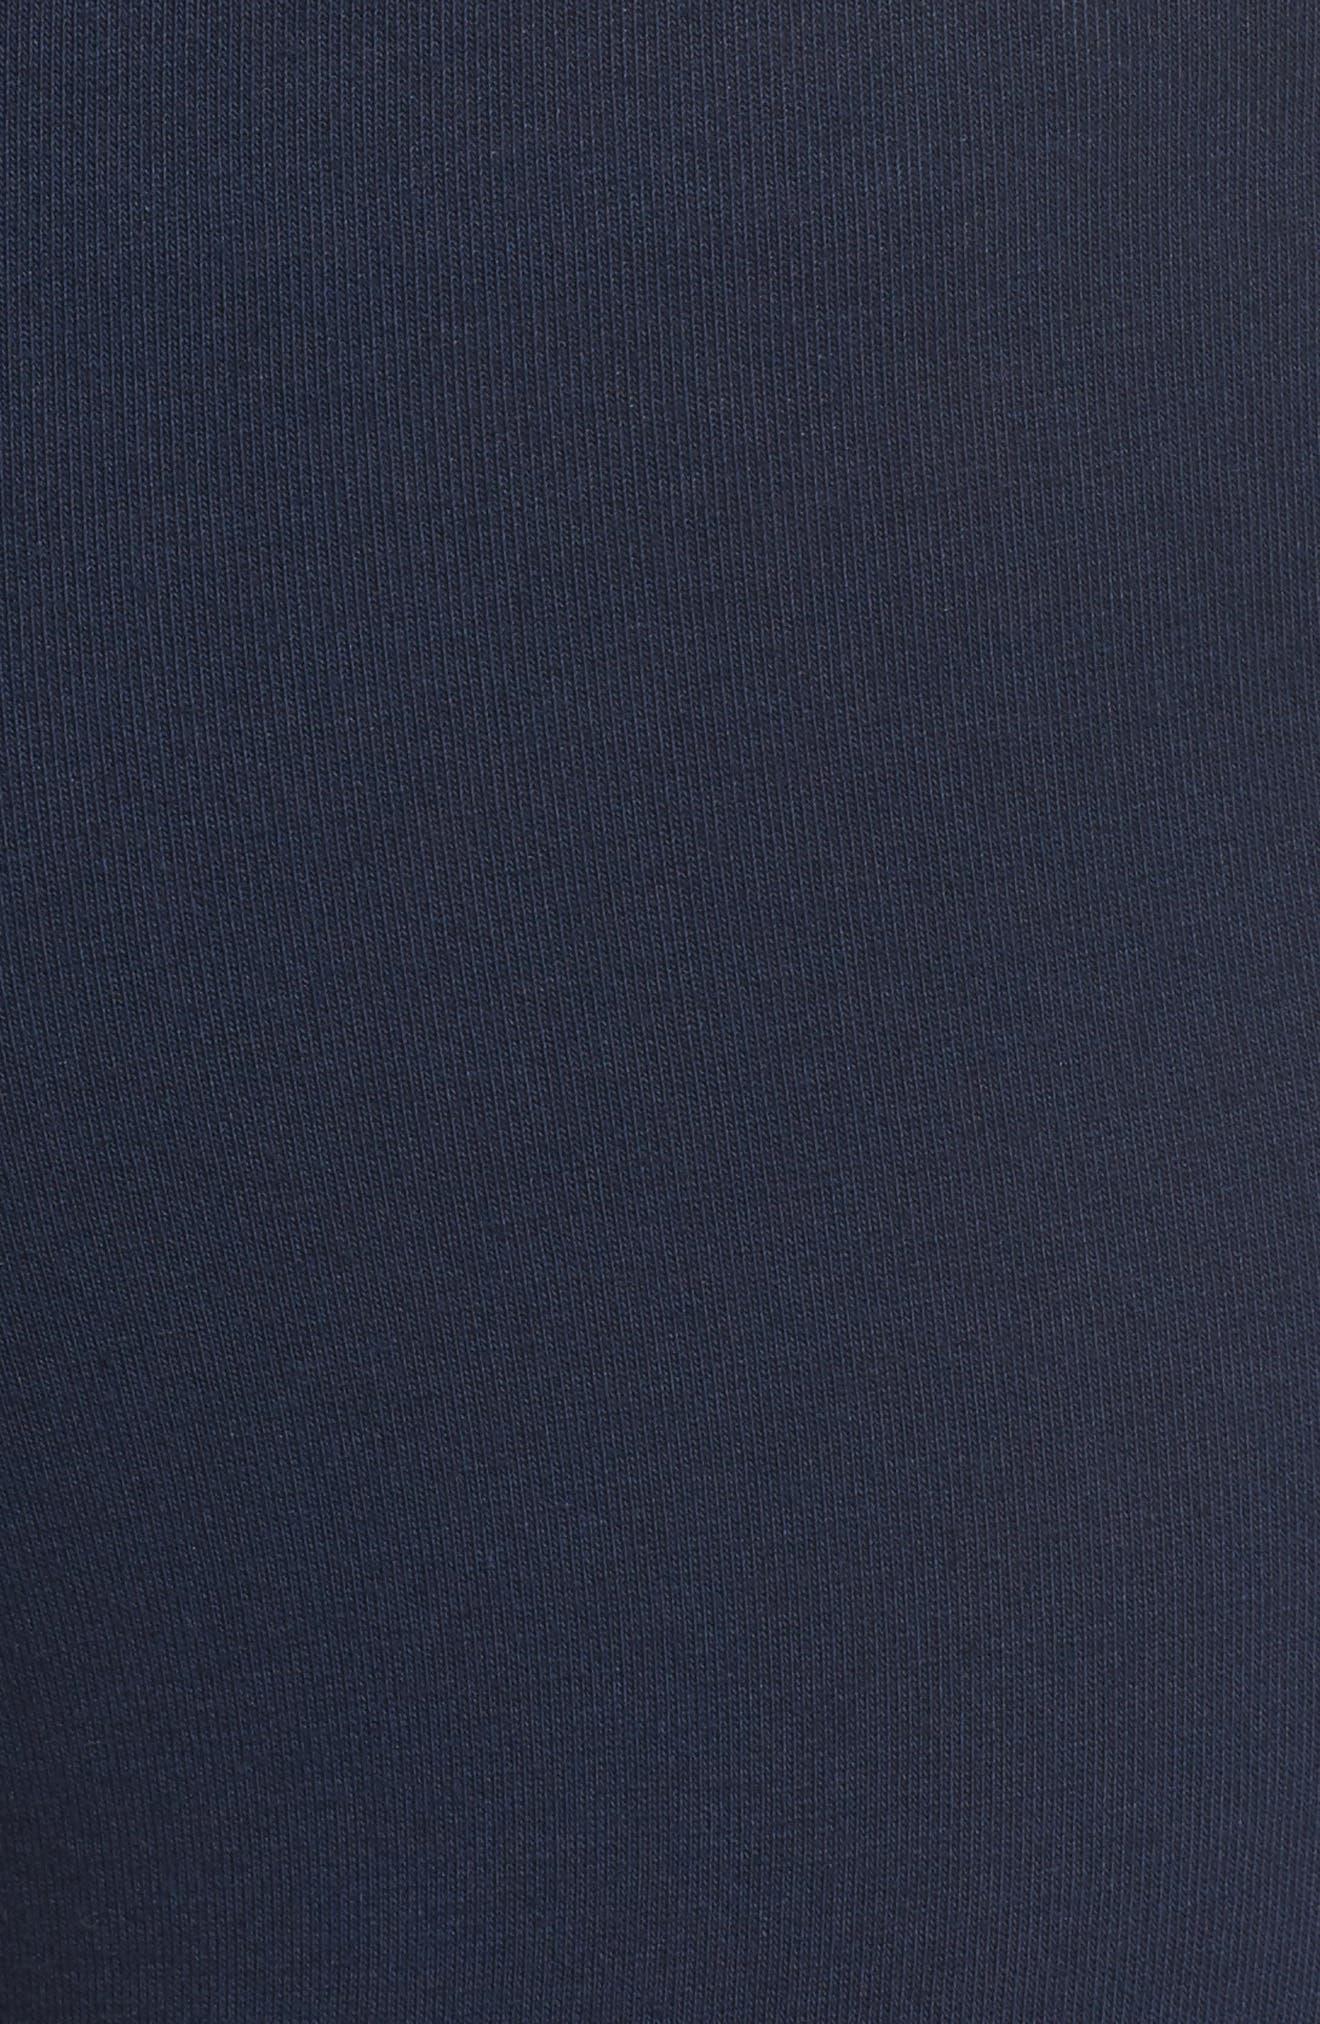 Classics Leggings,                             Alternate thumbnail 6, color,                             Collegiate Navy